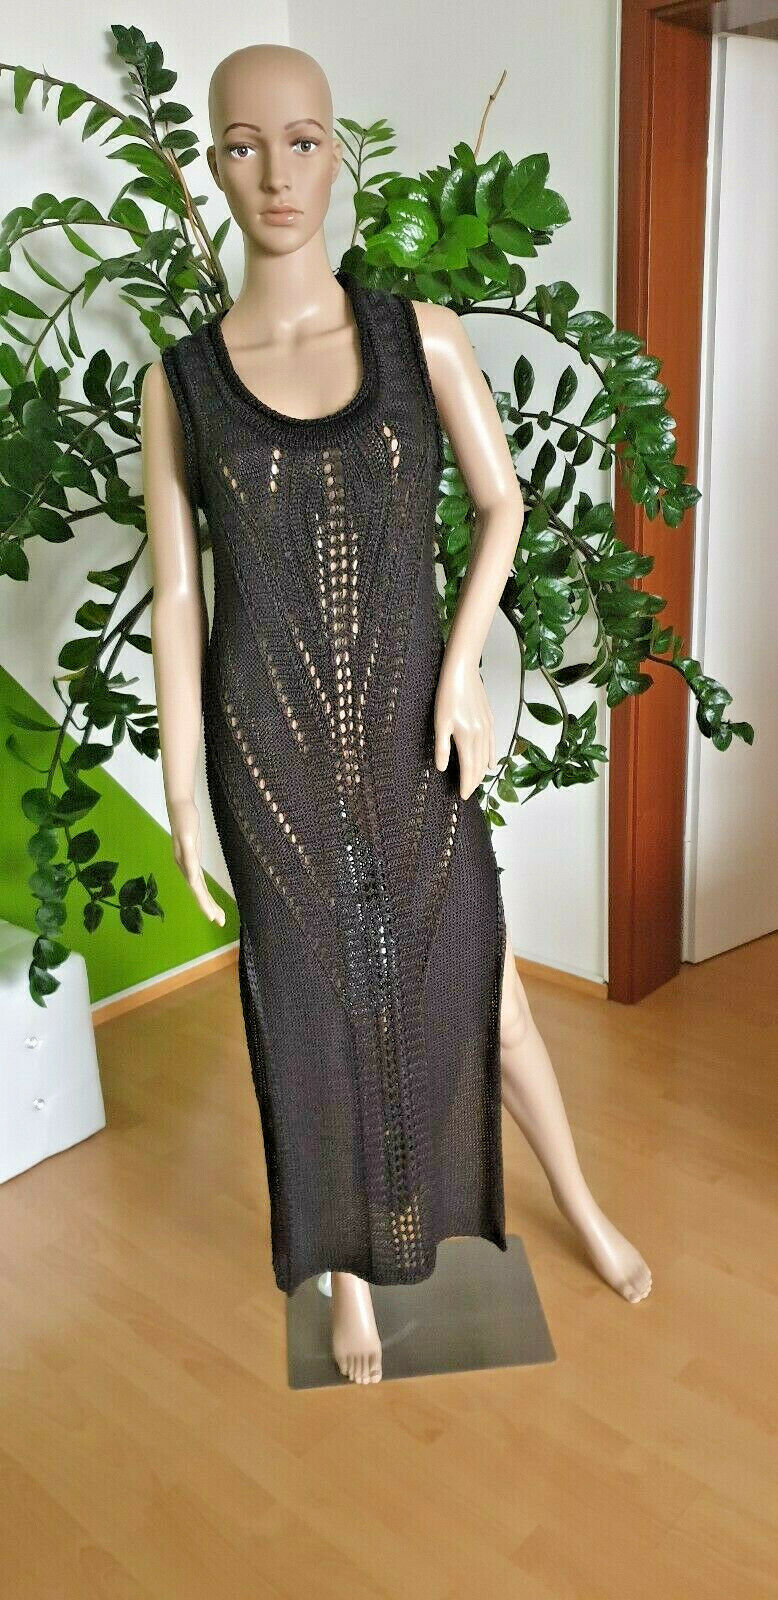 Damen Kleid Sexy Sommerkleid Urlaubskleid von Mexx Schwarz Gr.M